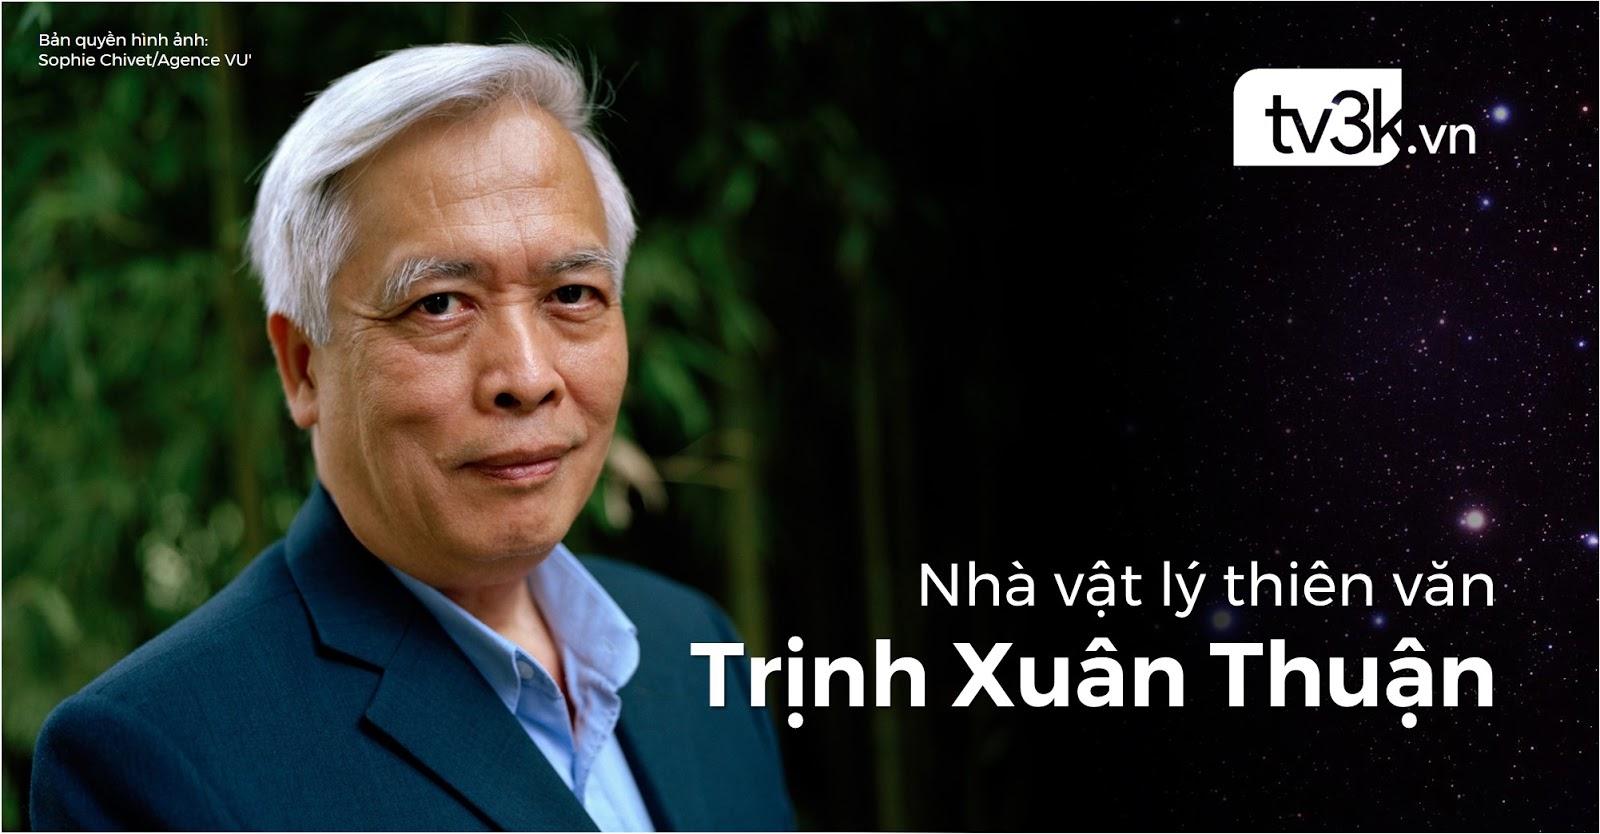 Danh nhân ka học: Nhà vật lý thiên văn Trịnh Xuân Thuận - Tiểu Tinh cầu TV3K